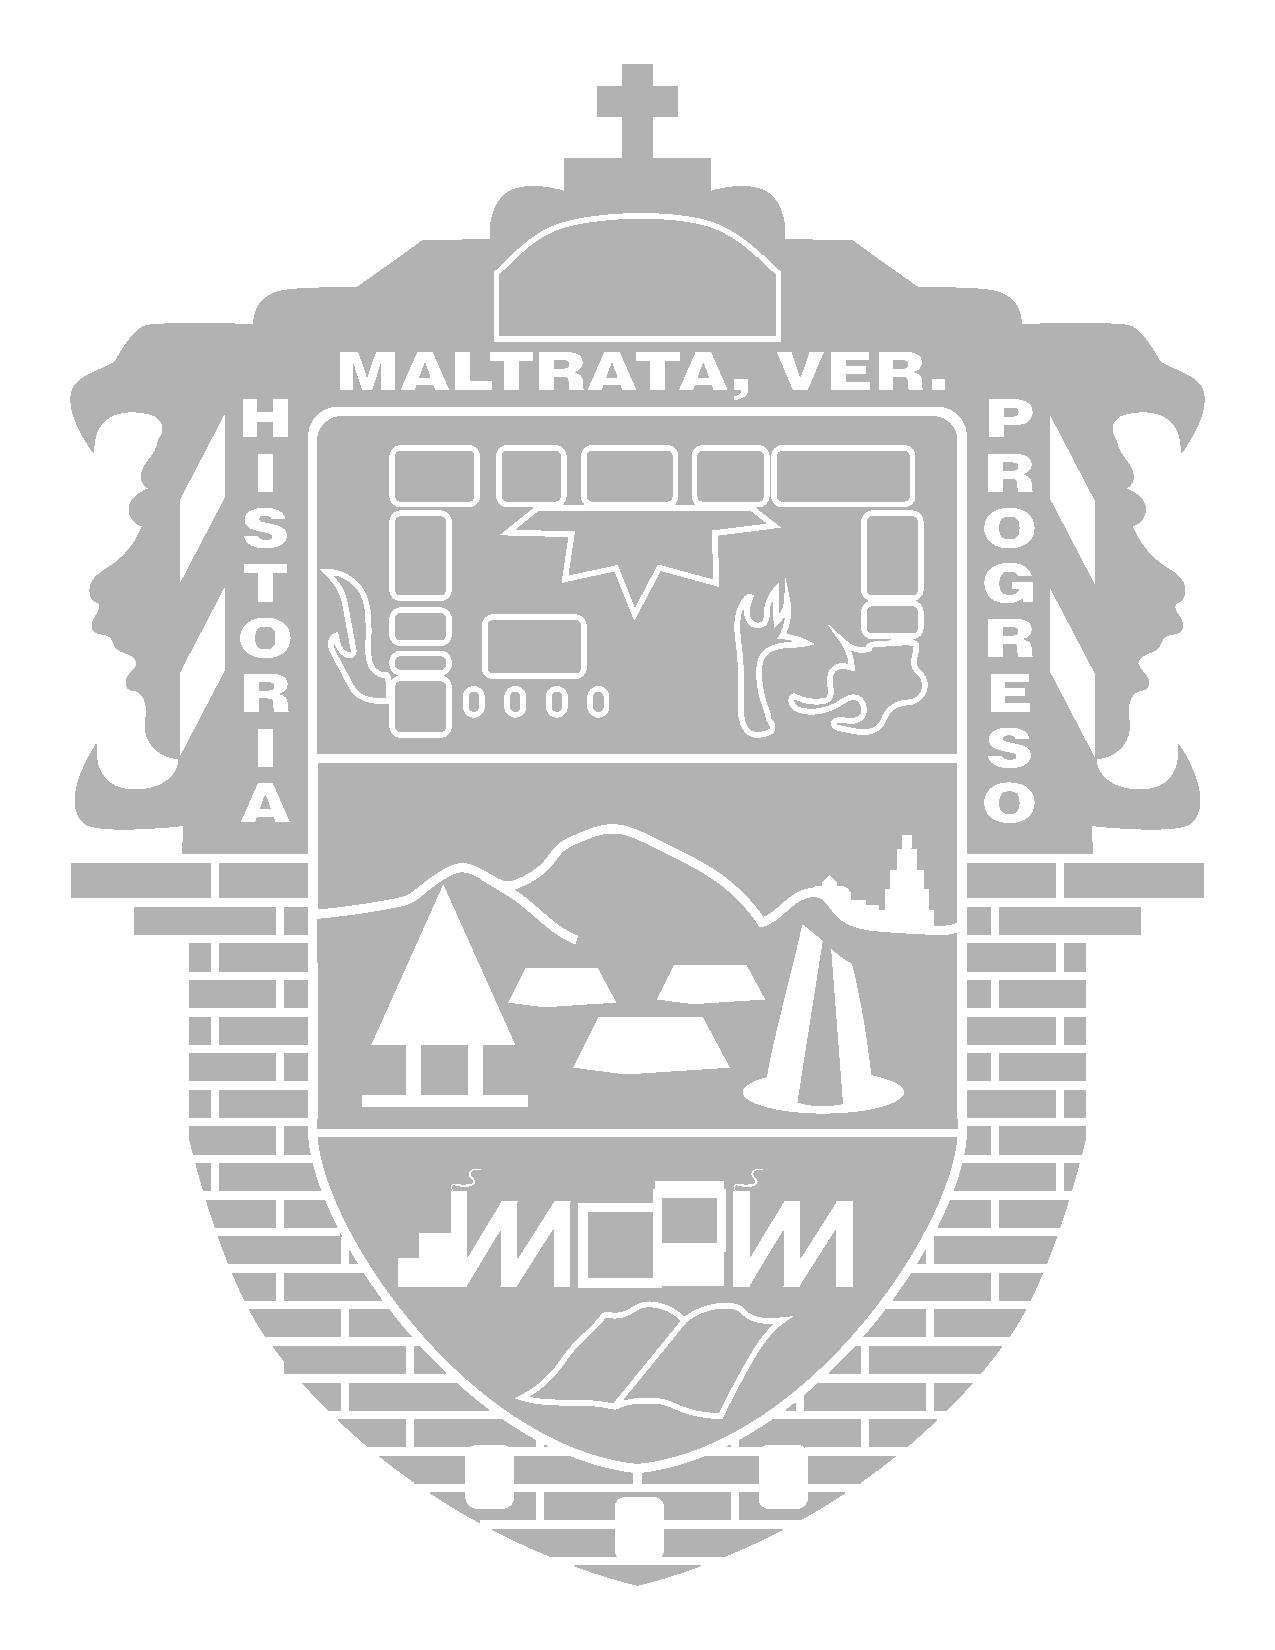 H. Ayuntamiento de Maltrata 2018-2021